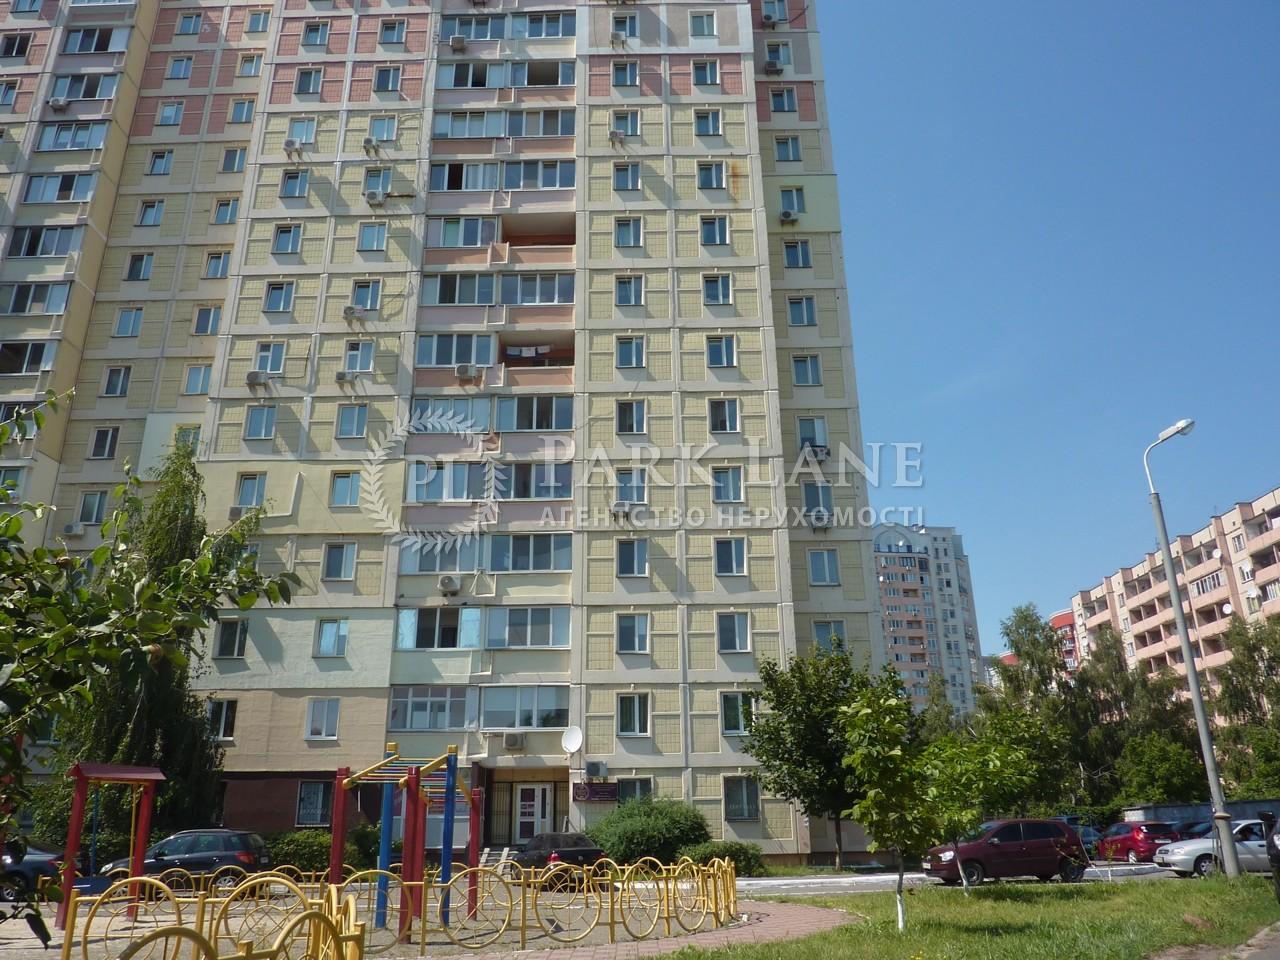 Квартира ул. Ломоносова, 83а, Киев, Z-1828058 - Фото 3